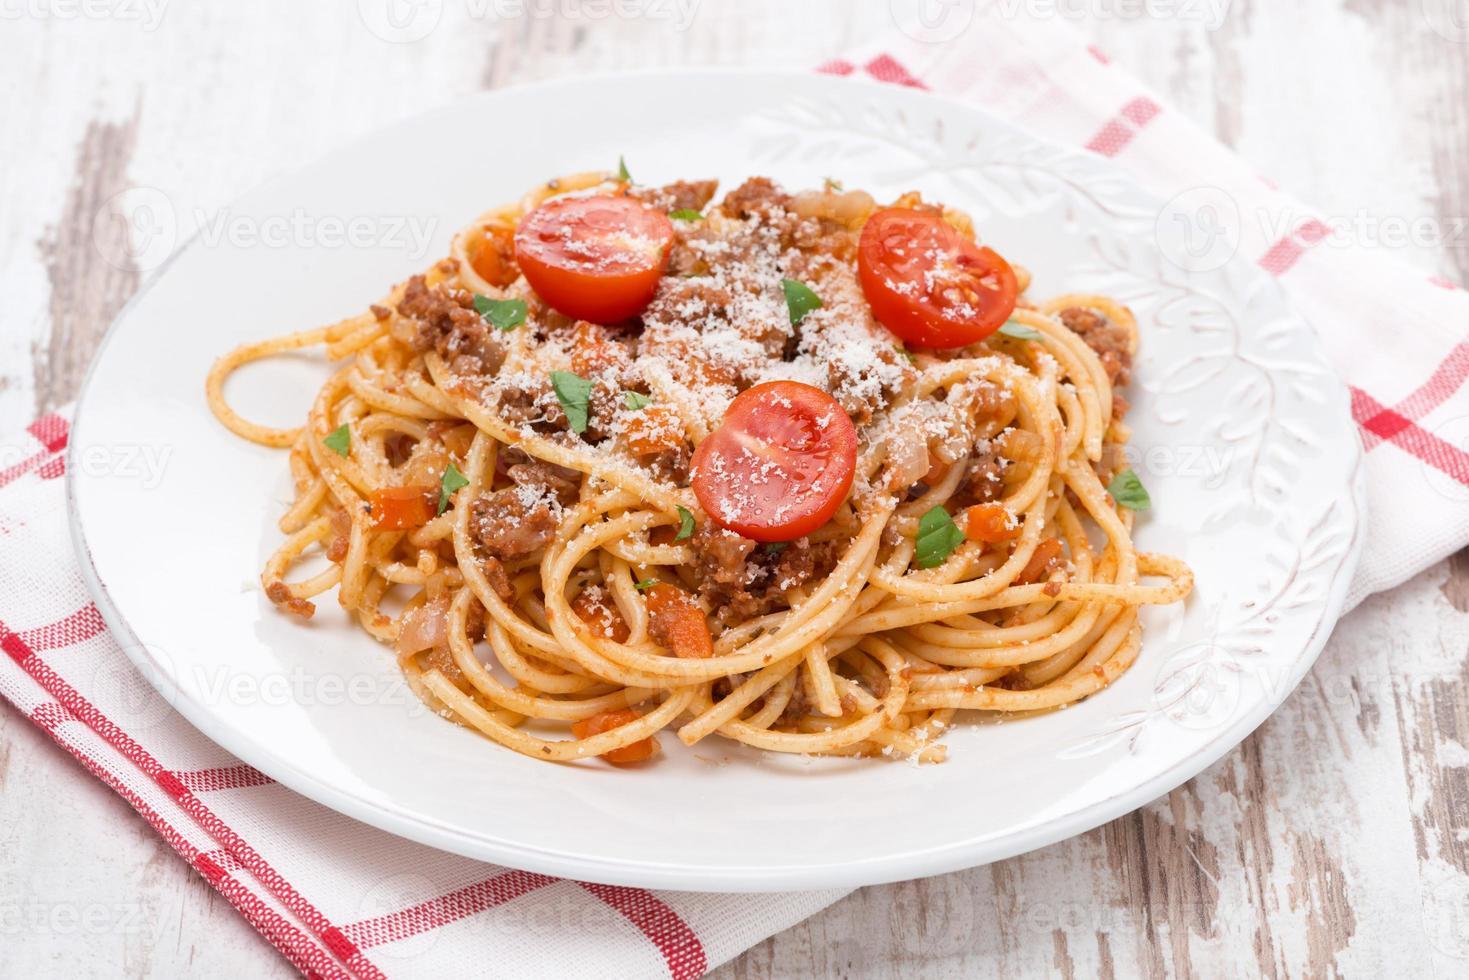 massas italianas - esparguete à bolonhesa foto